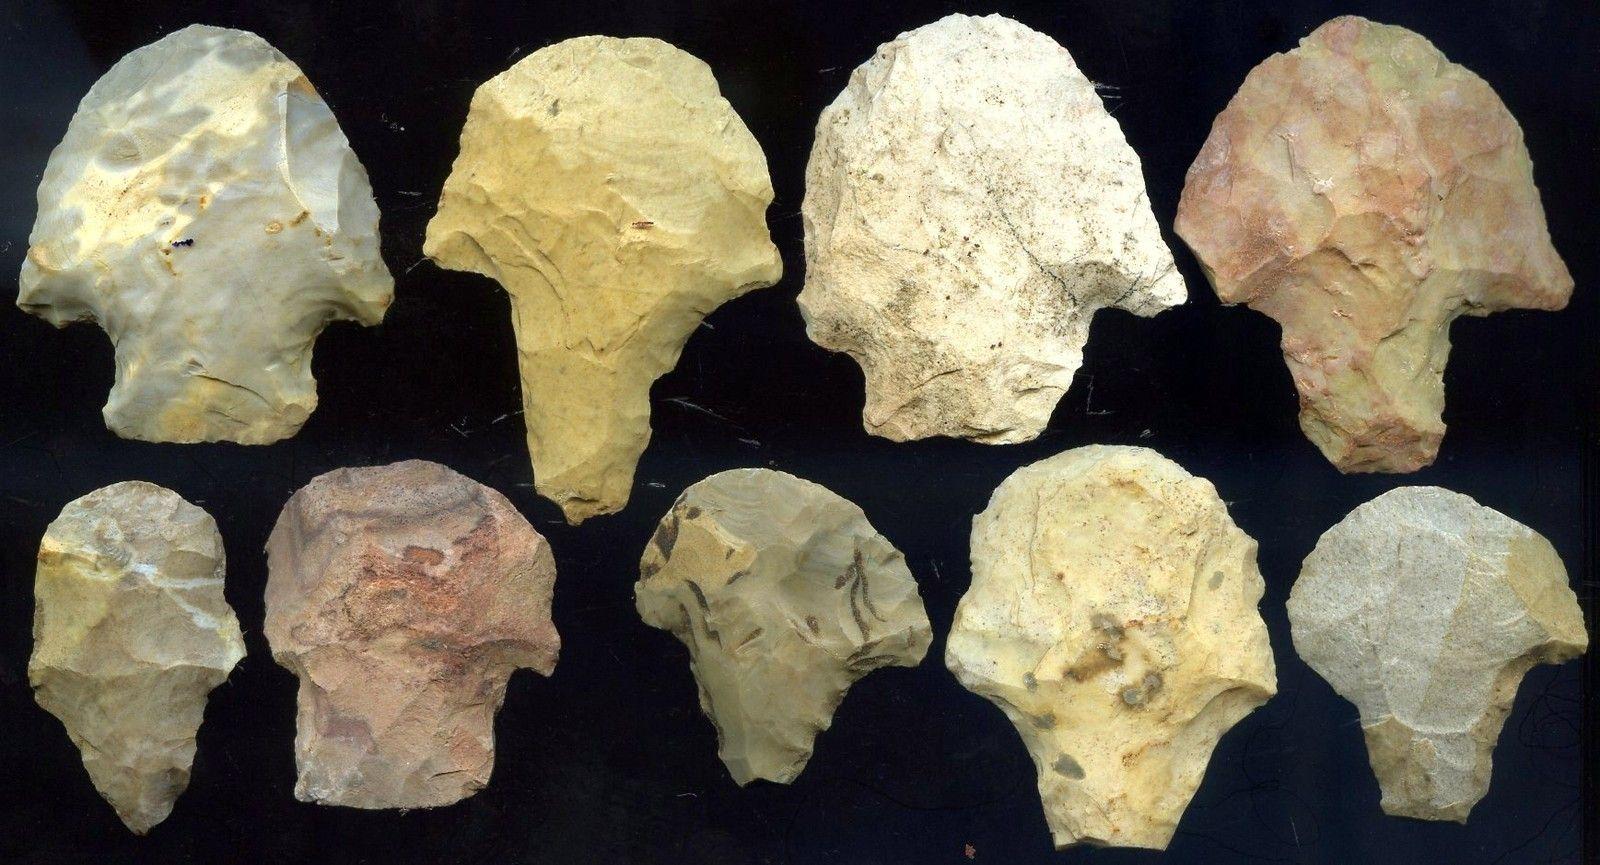 Novas evidências apoiam alegações controversas de humanos nas Américas há 130.000 anos